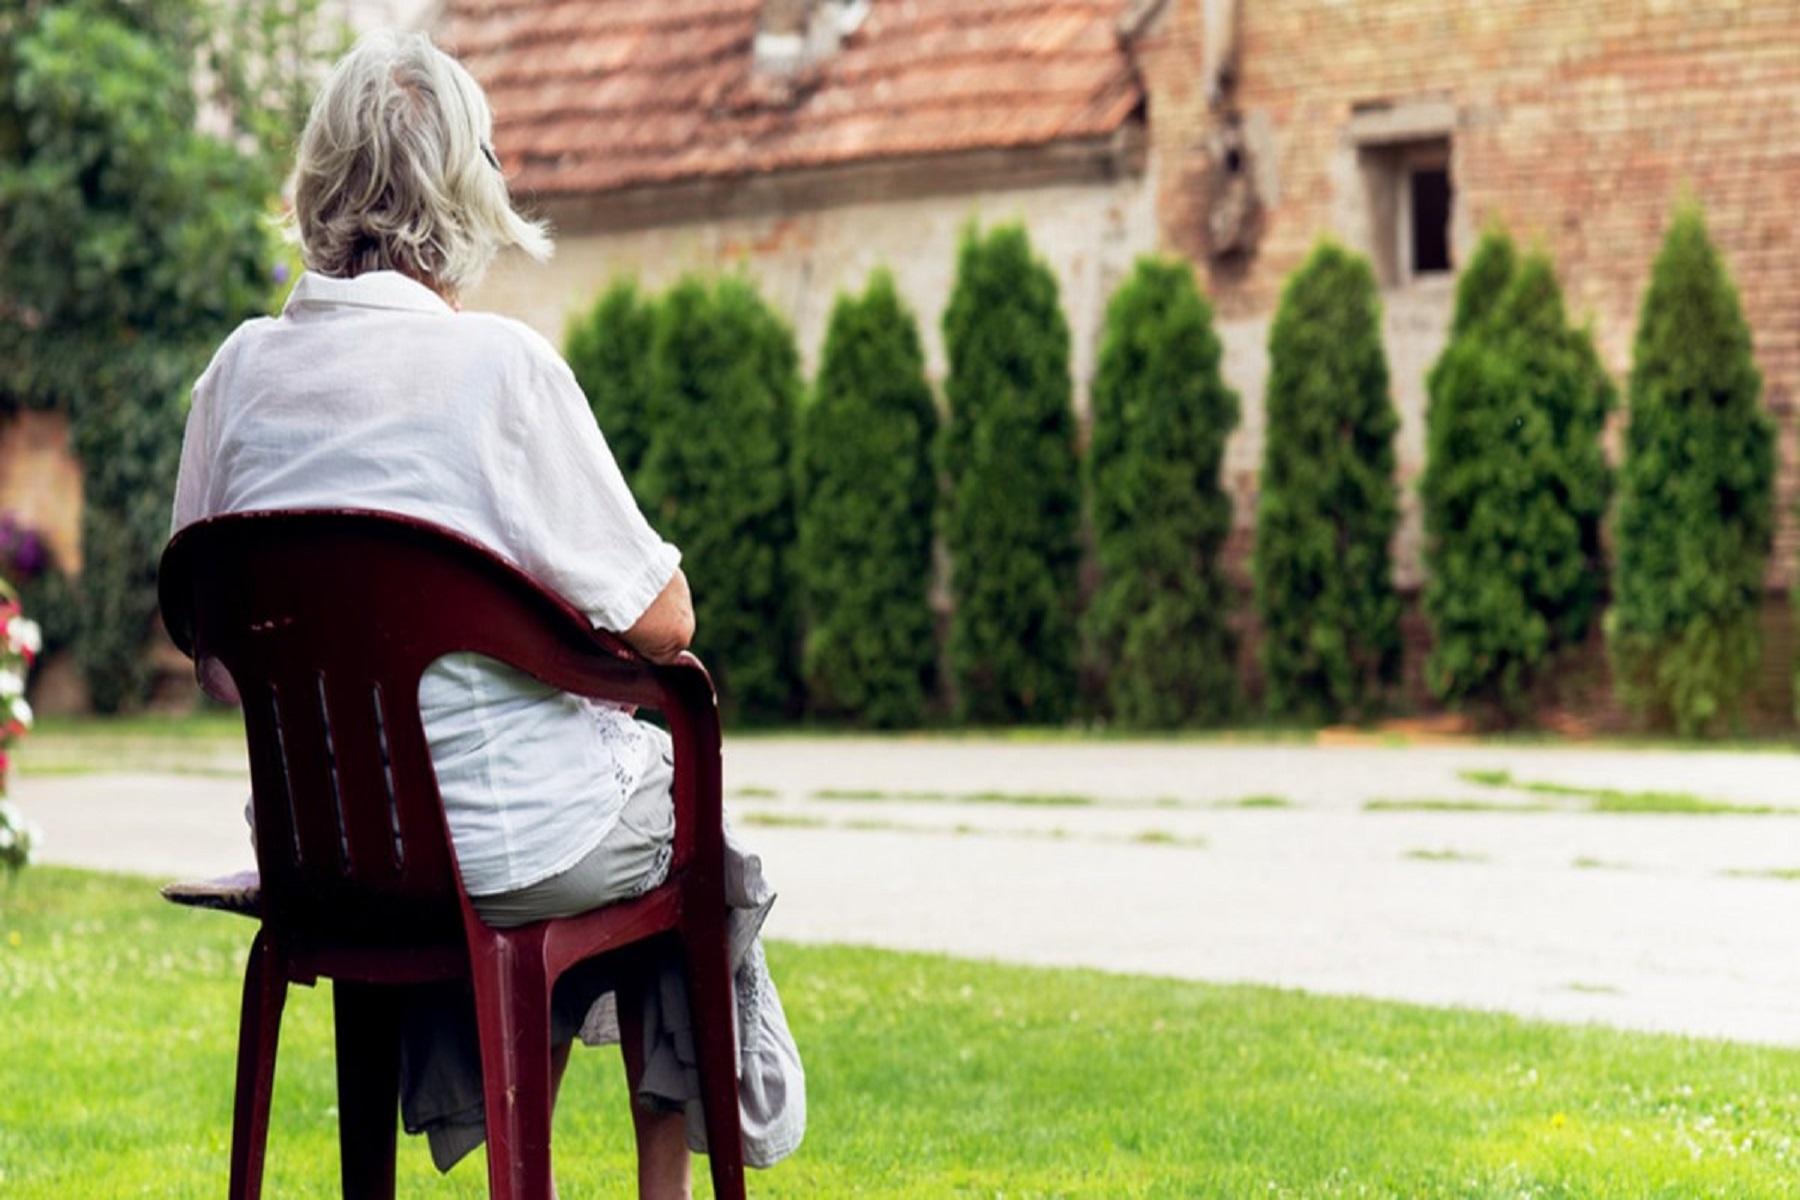 Αλτσχάιμερ Θεραπεία: Πειραματικό φάρμακο επιβραδύνει την εξέλιξη της νευροεκφυλιστικής νόσου